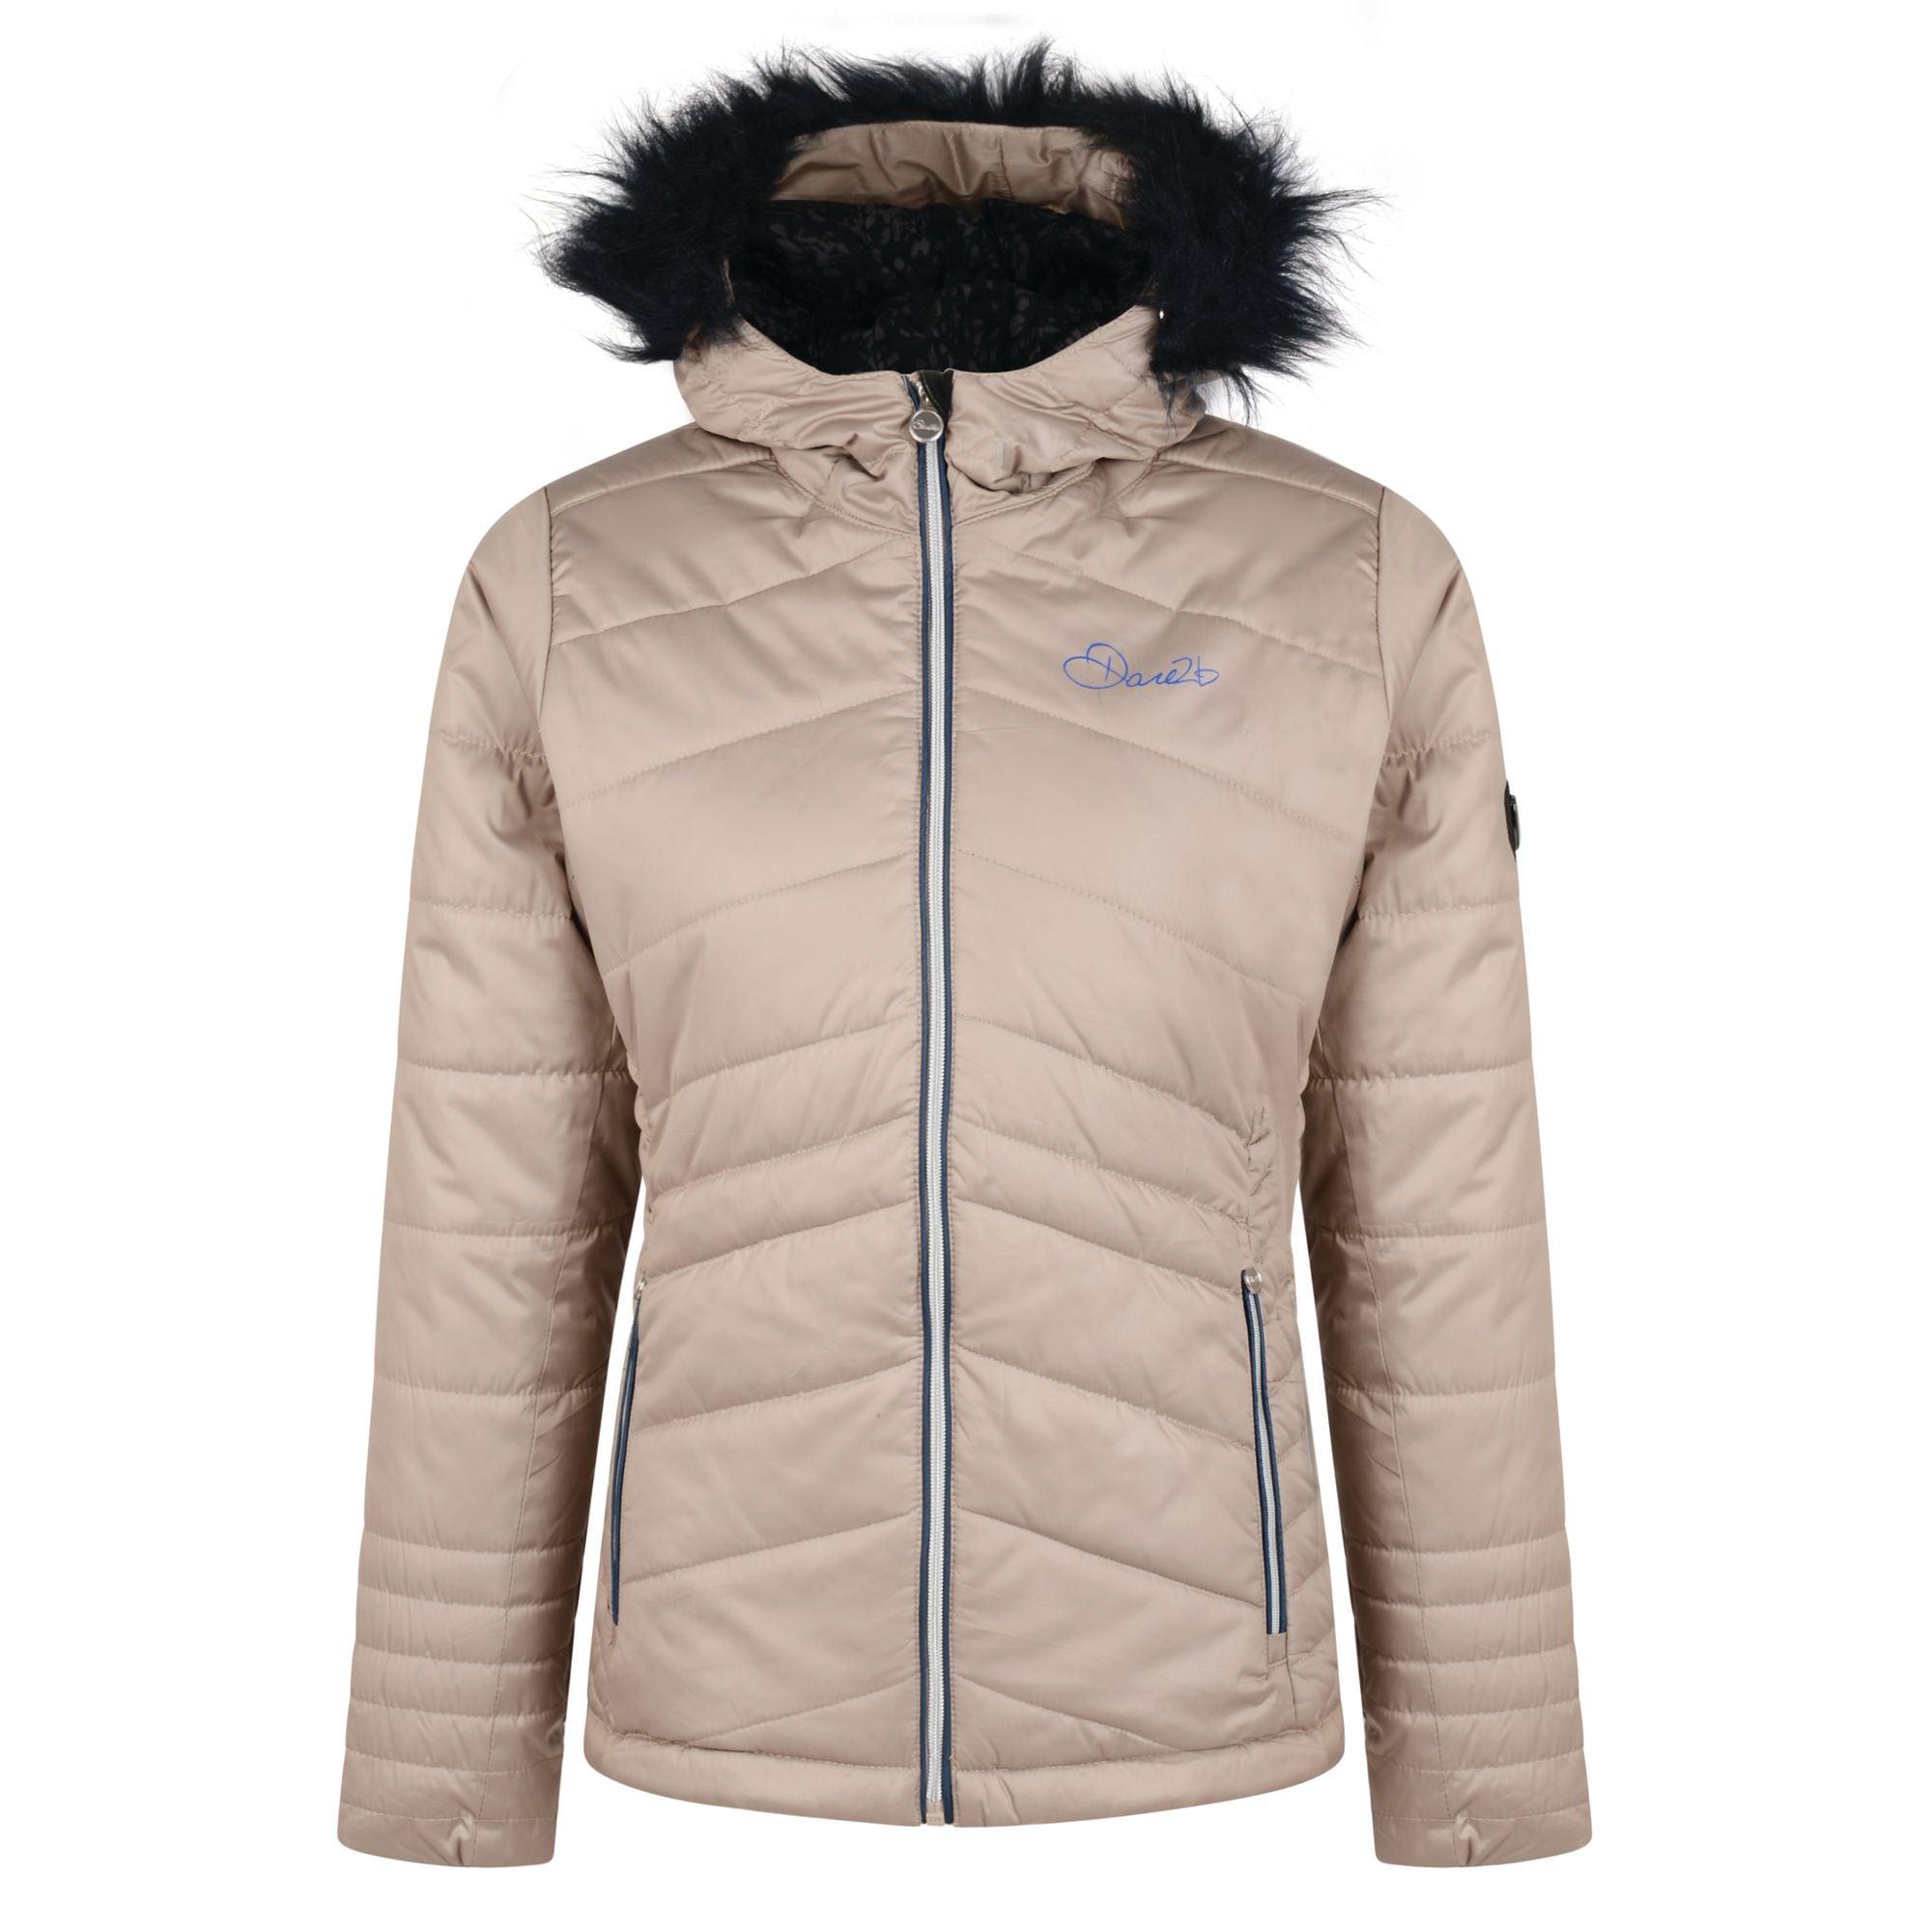 Regatta Skijacke Dare 2b Damen Comprise Luxe   Sportbekleidung > Sportjacken > Skijacken   Braun   Regatta